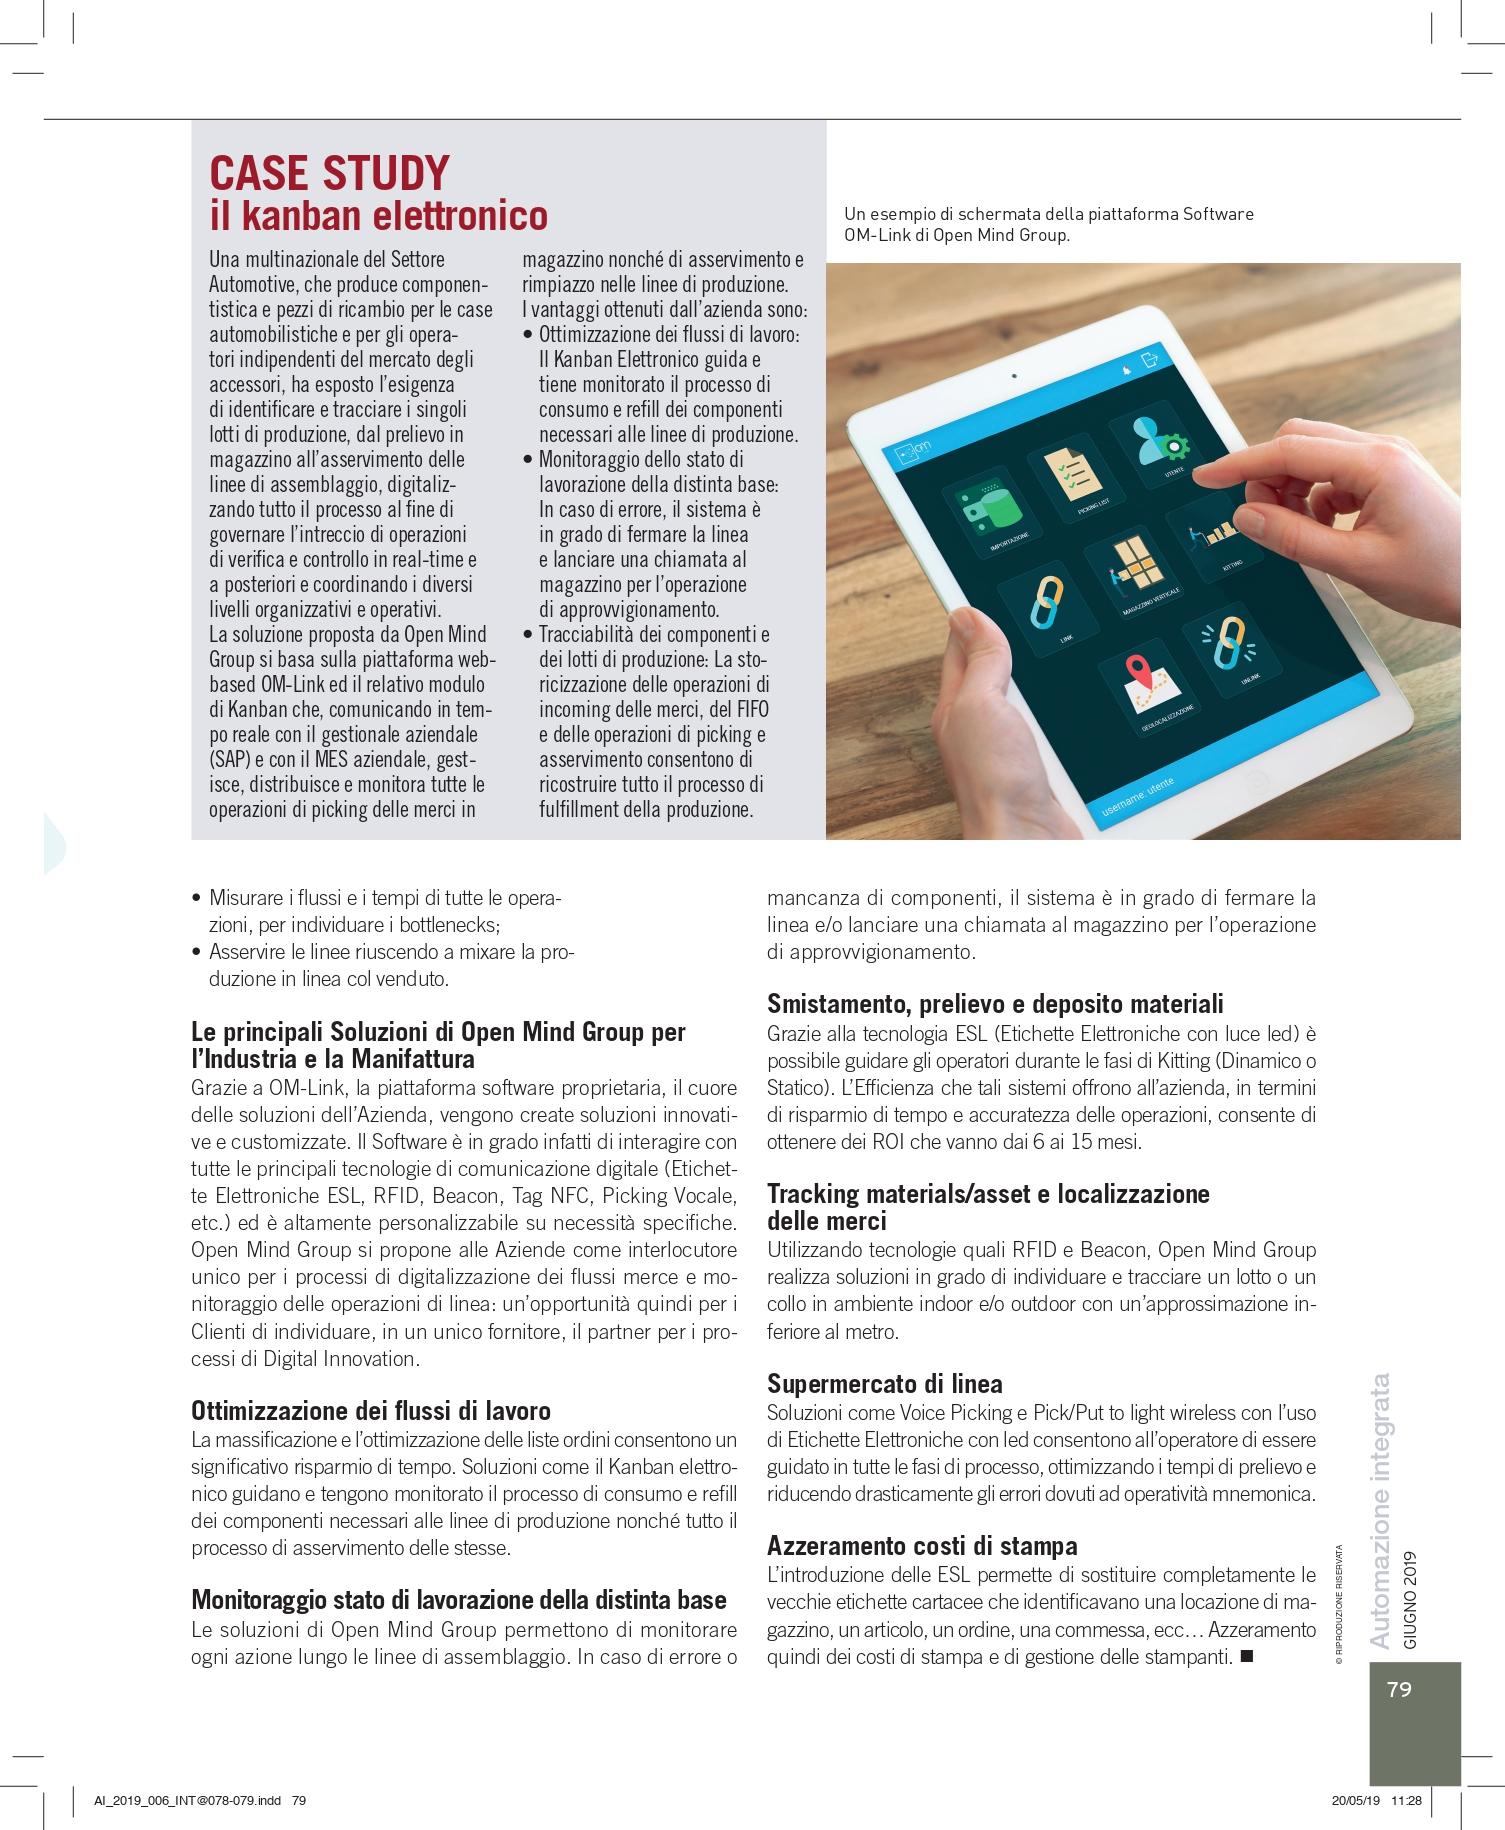 Articolo Magazine Automazione Integrata Pag.79